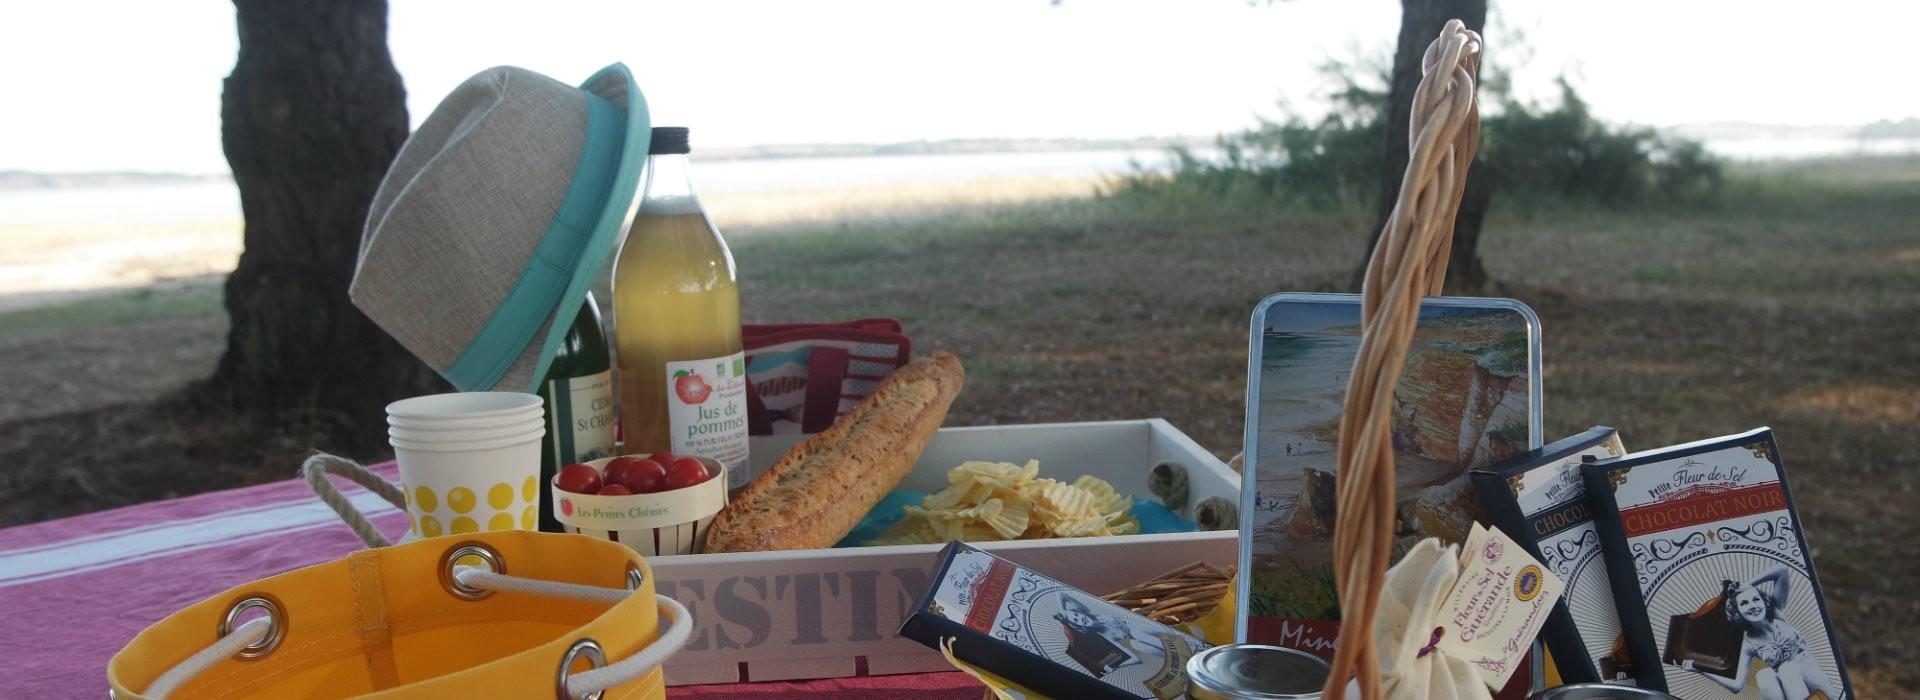 Producteurs locaux - OT La Baule Presqu'île de Guérande